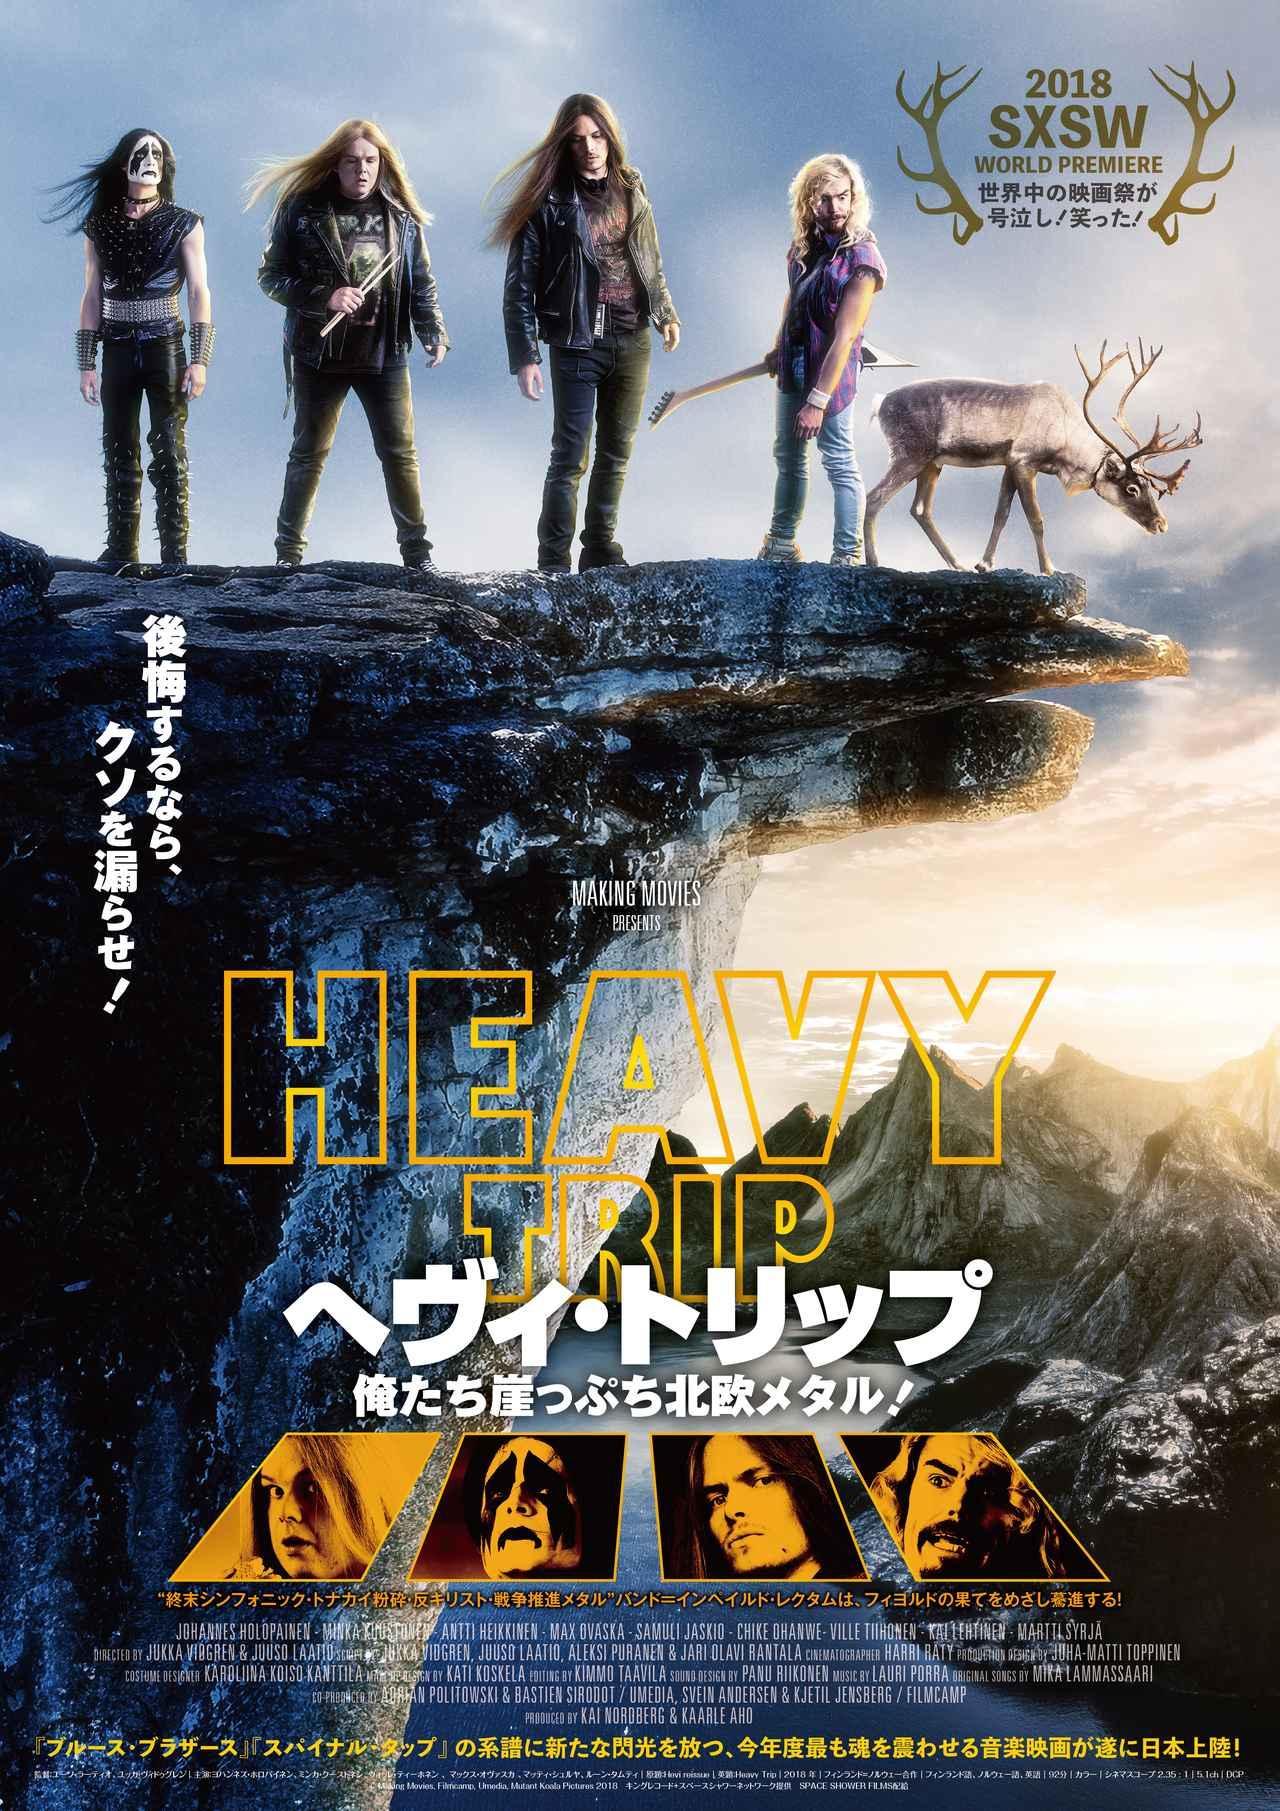 画像1: 世界の映画祭が大号泣と大爆笑! 話題のメタルコメディ映画が日本上陸